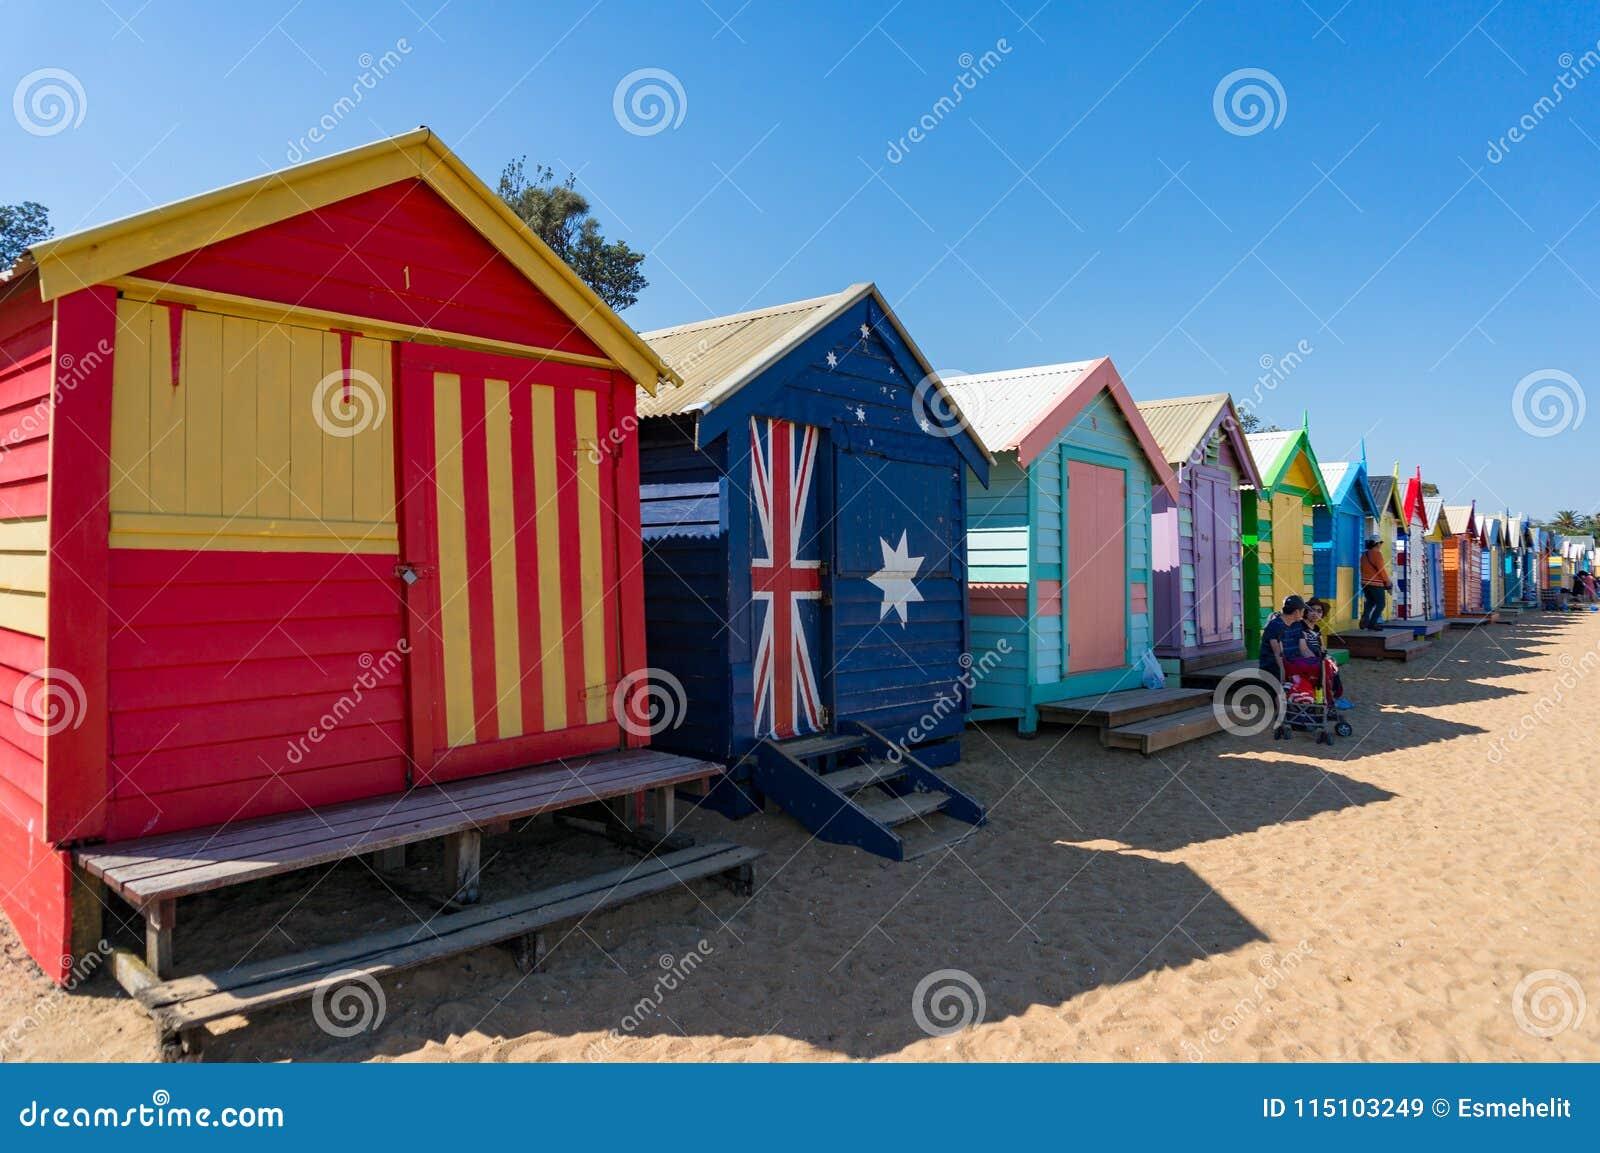 Διάσημο ορόσημο των ζωηρόχρωμων σπιτιών παραλιών στην παραλία του Μπράιτον στη Μελβούρνη, Αυστραλία